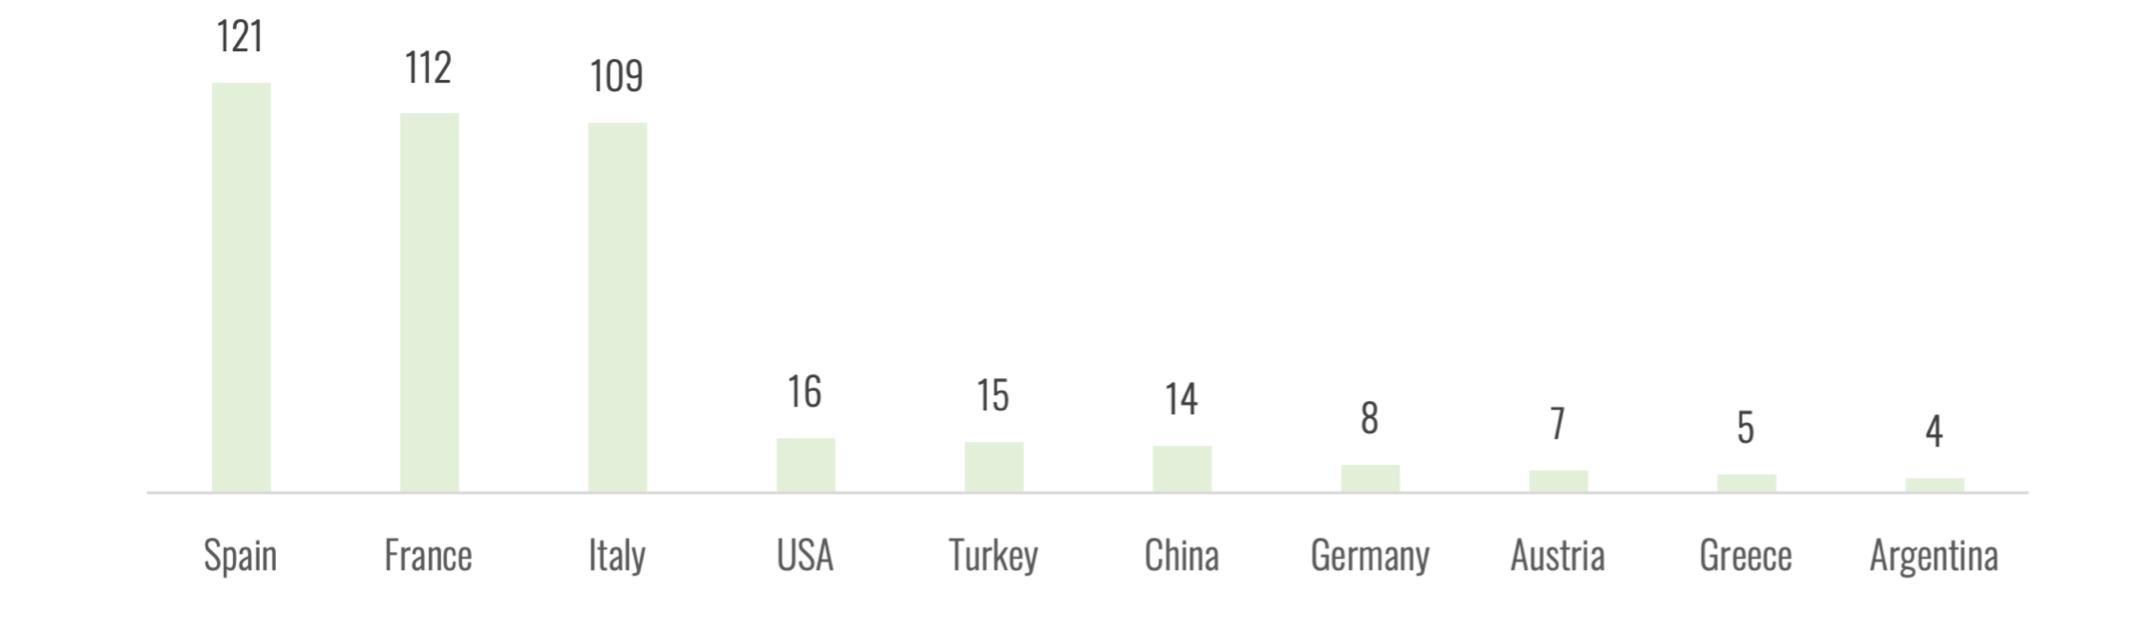 Top 10 Paesi con superfici vitate bio (migliaia ettari)